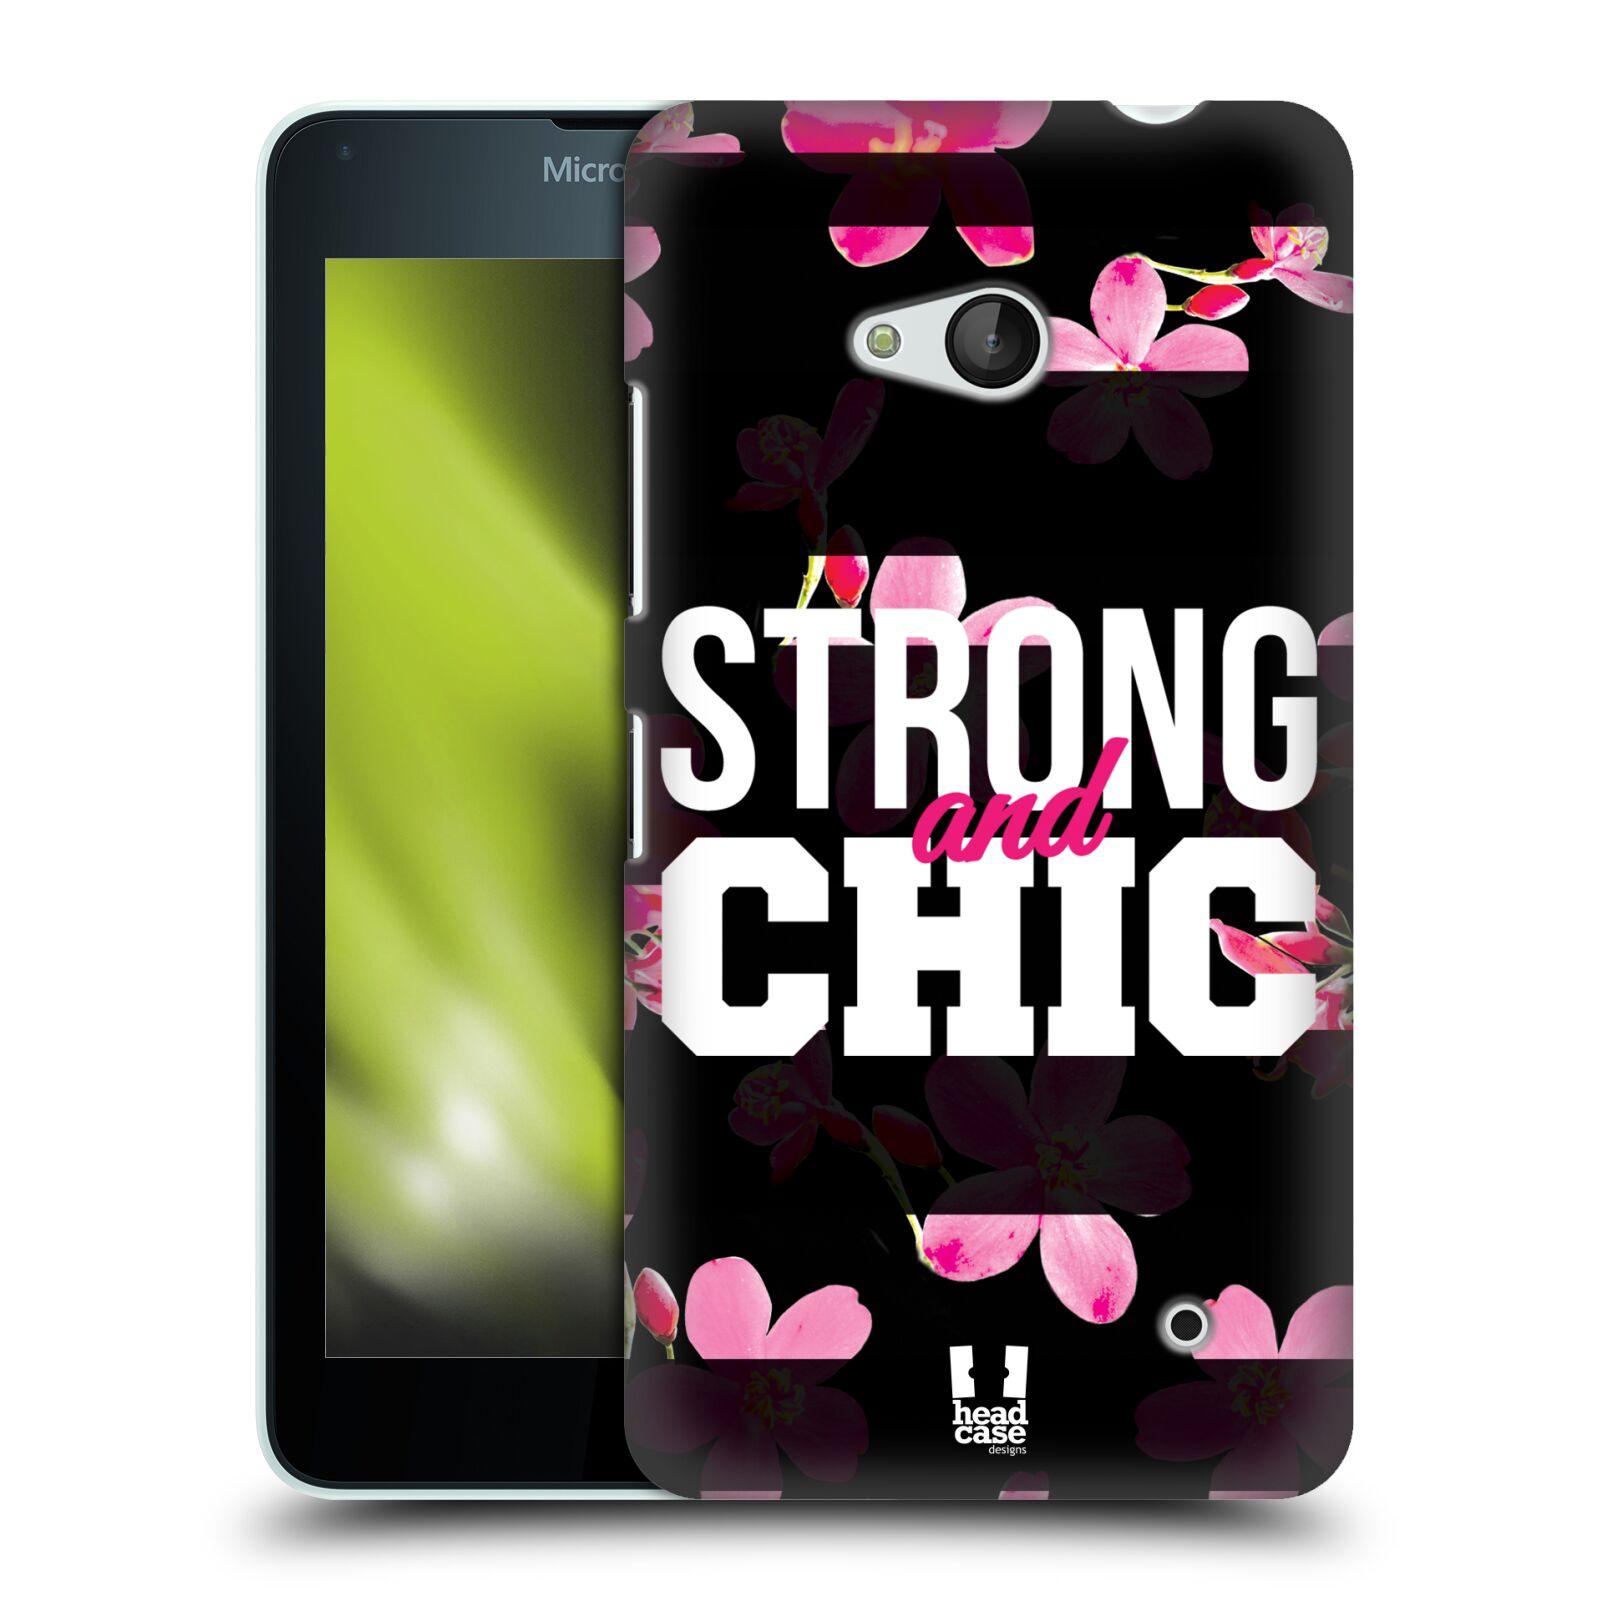 HEAD CASE plastový obal na mobil Nokia Lumia 640 Sportovní nápisy STRONG and CHIC